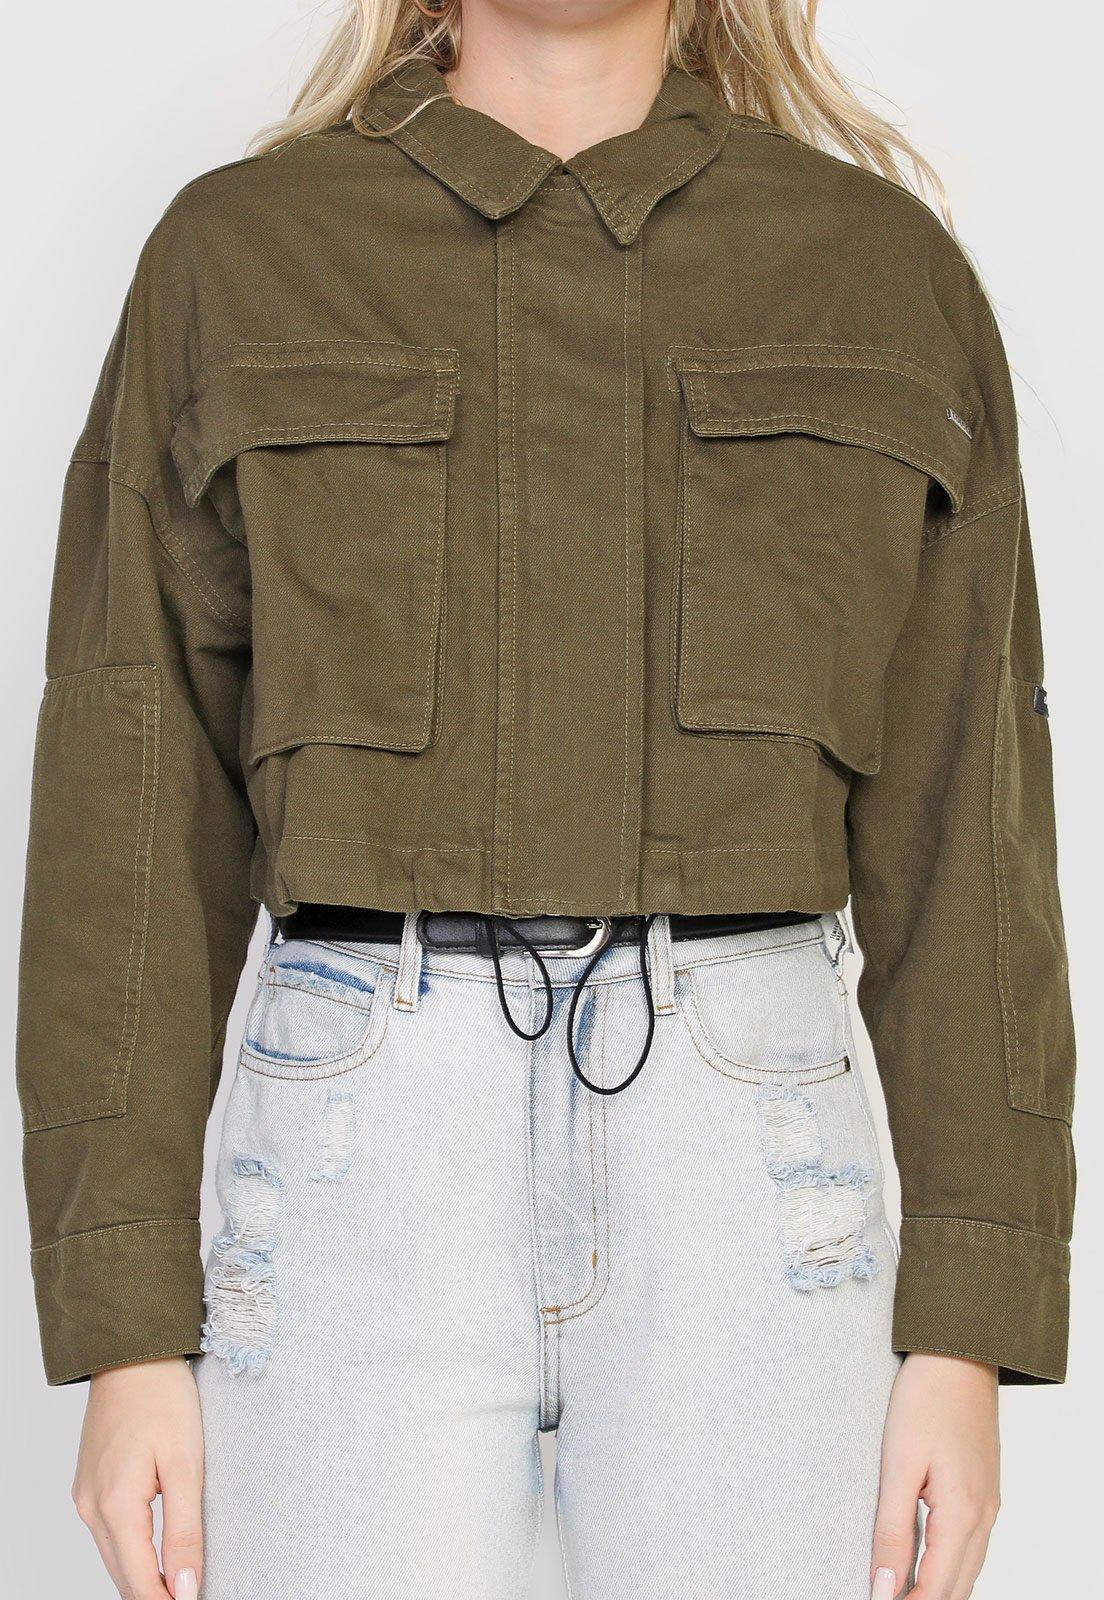 Jaqueta de sarja verde, da Colcci